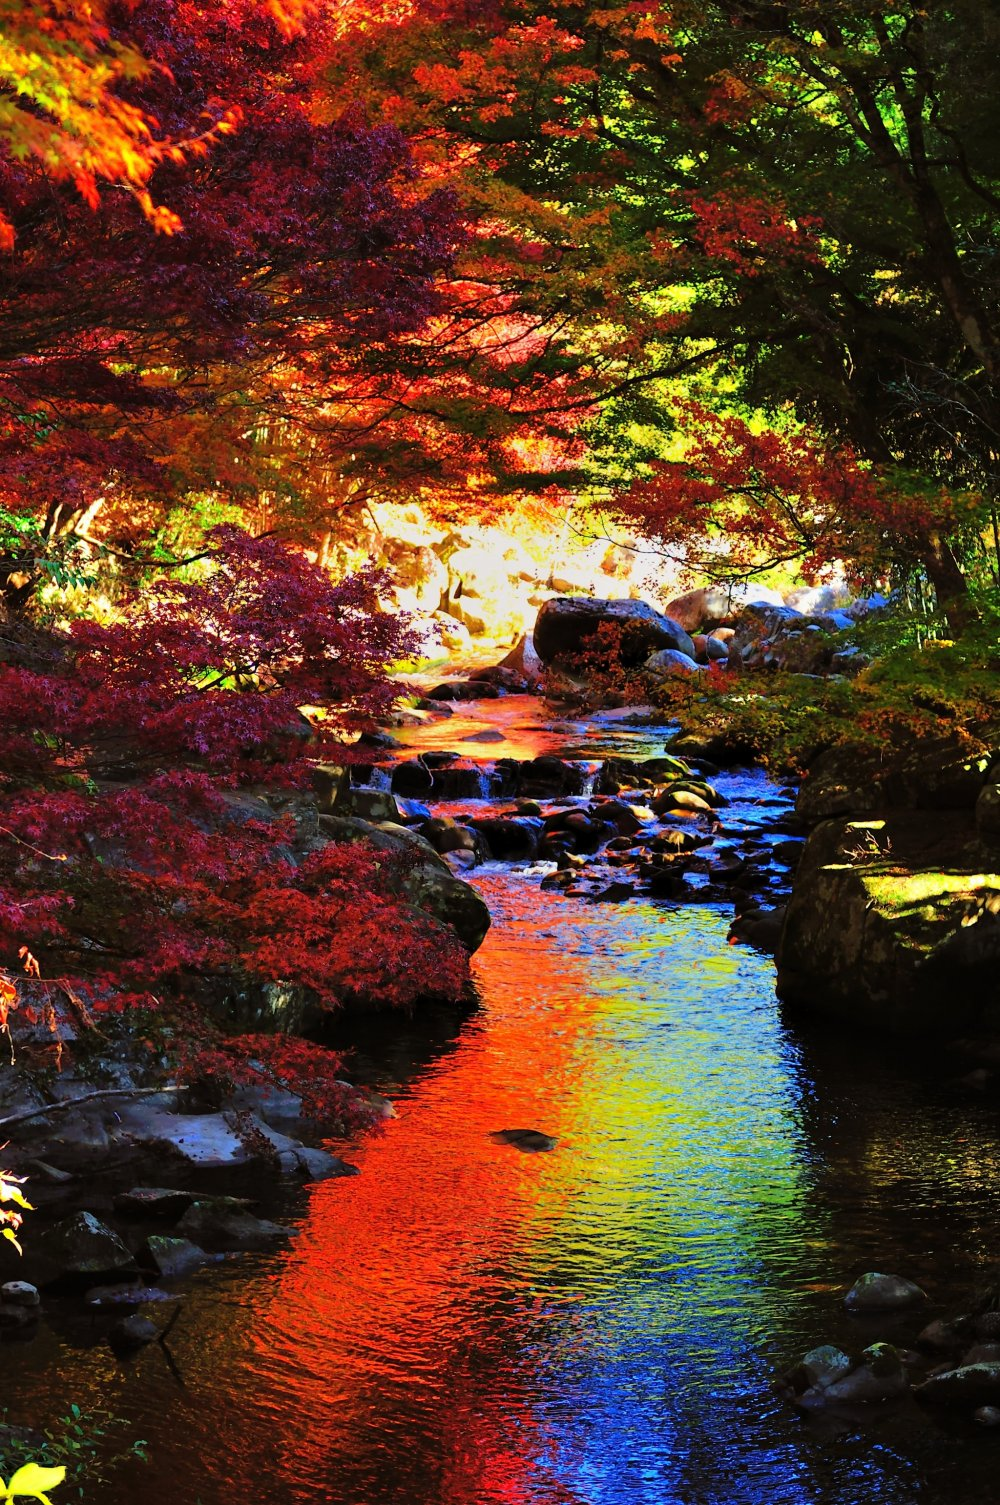 紅葉のトンネルが演出する、まさに虹色の渓谷美